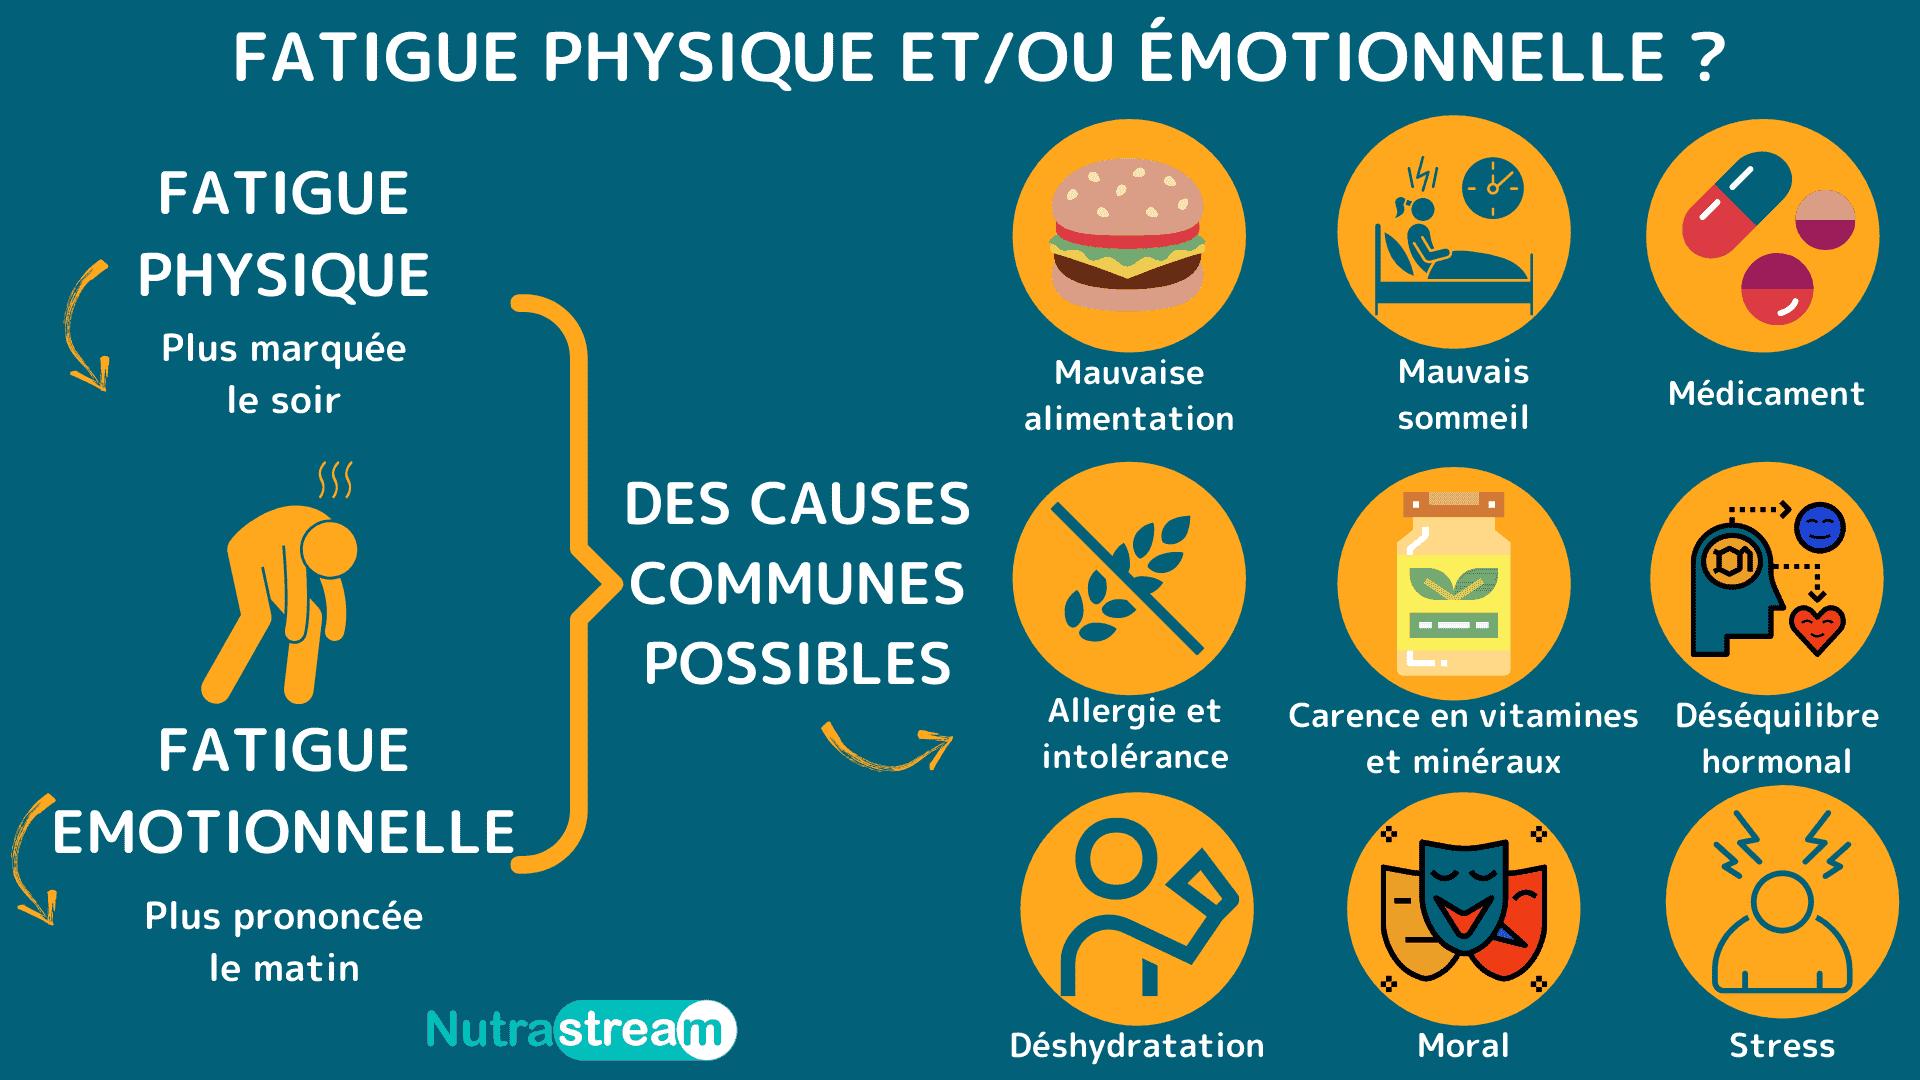 Quelle soit physique ou émotionnelle, la fatigue doit être comprise pour agir sur les causes qui sont communes à ces deux types de fatigue